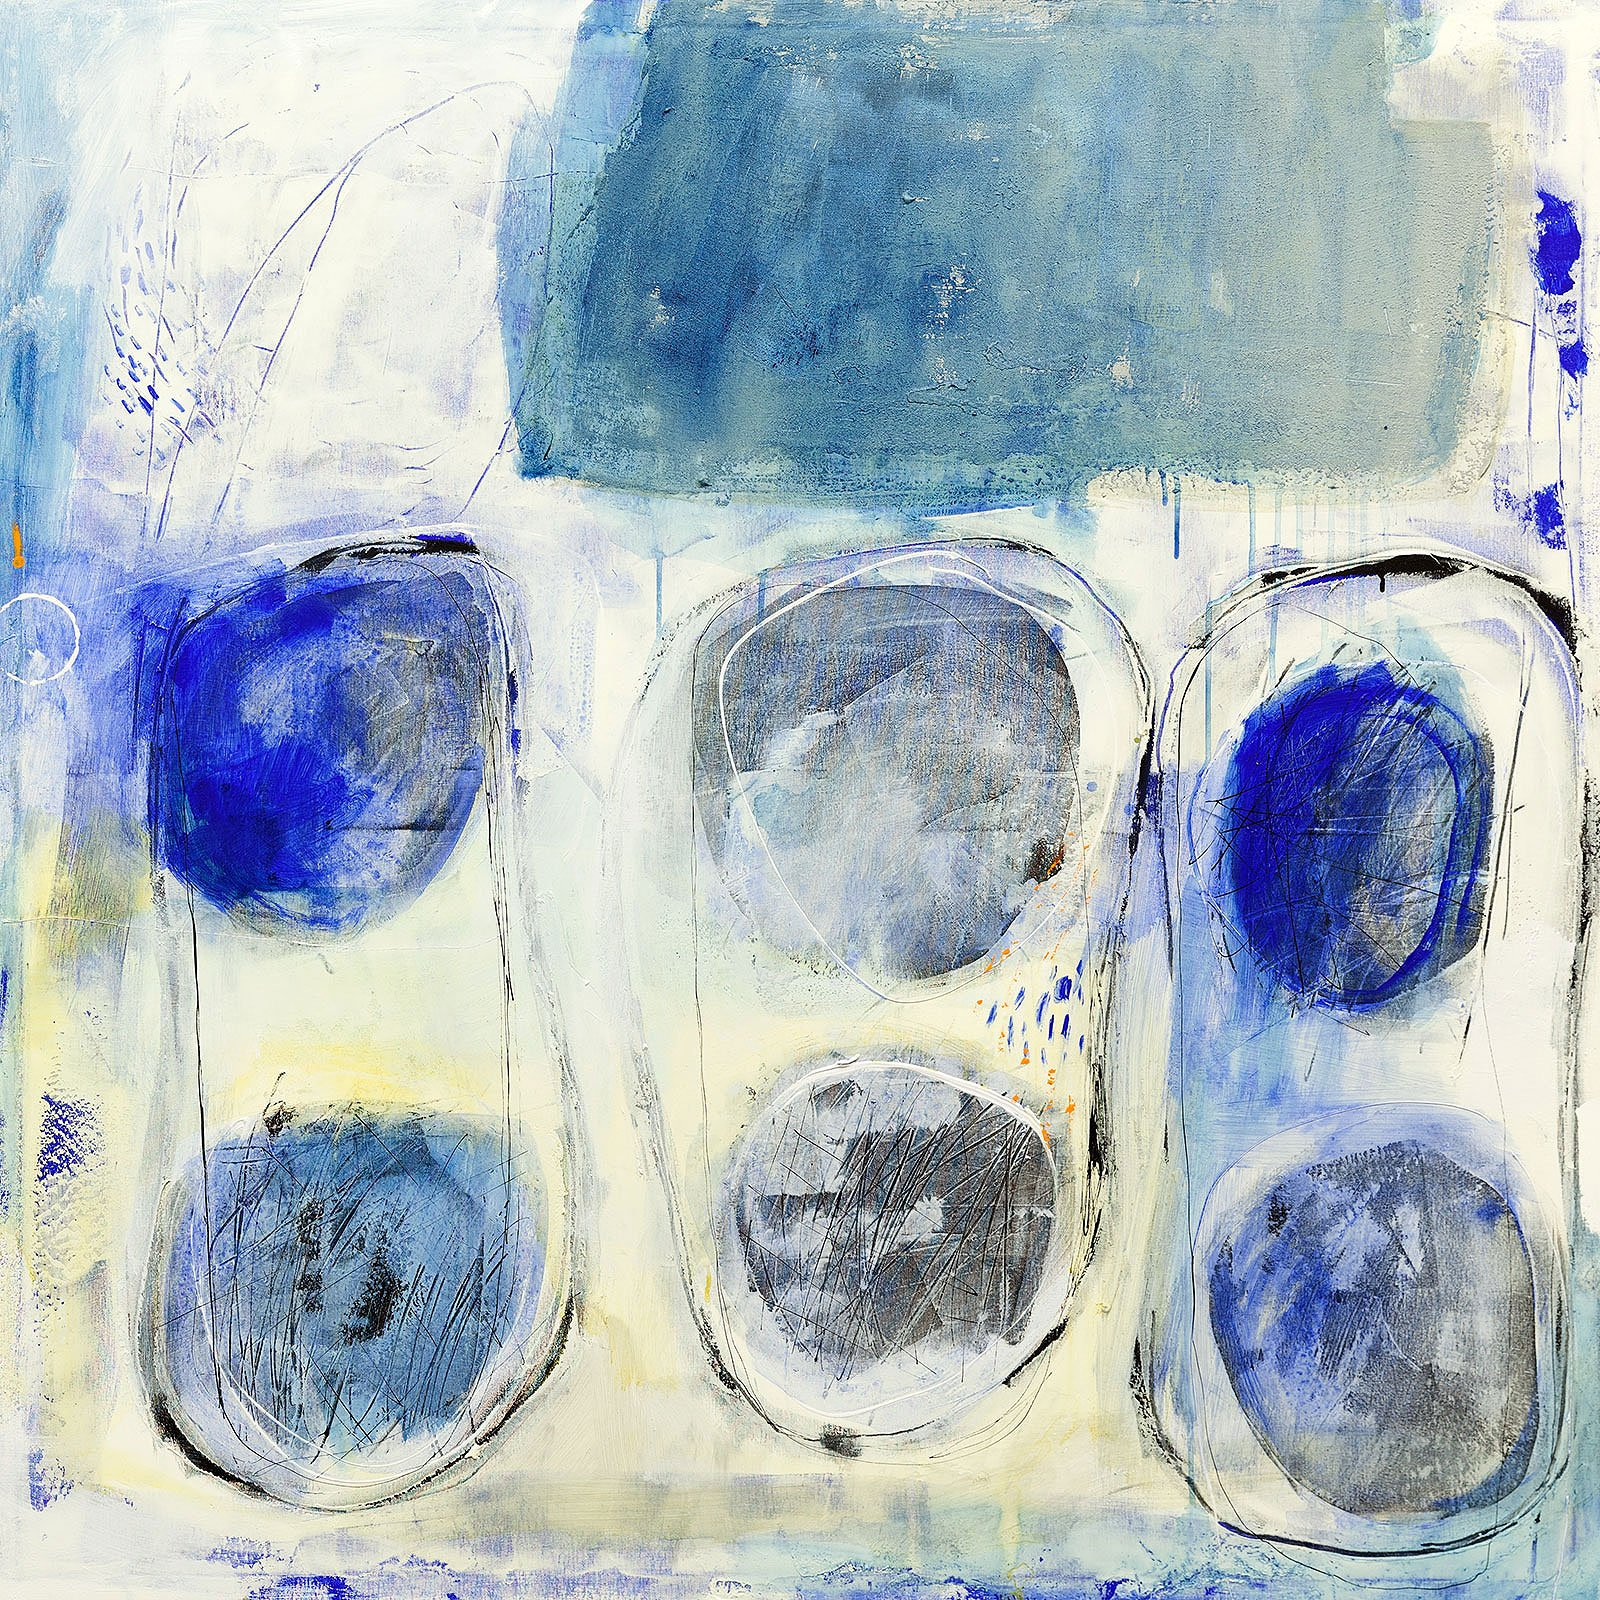 Cuadro abstracto gil tres seis